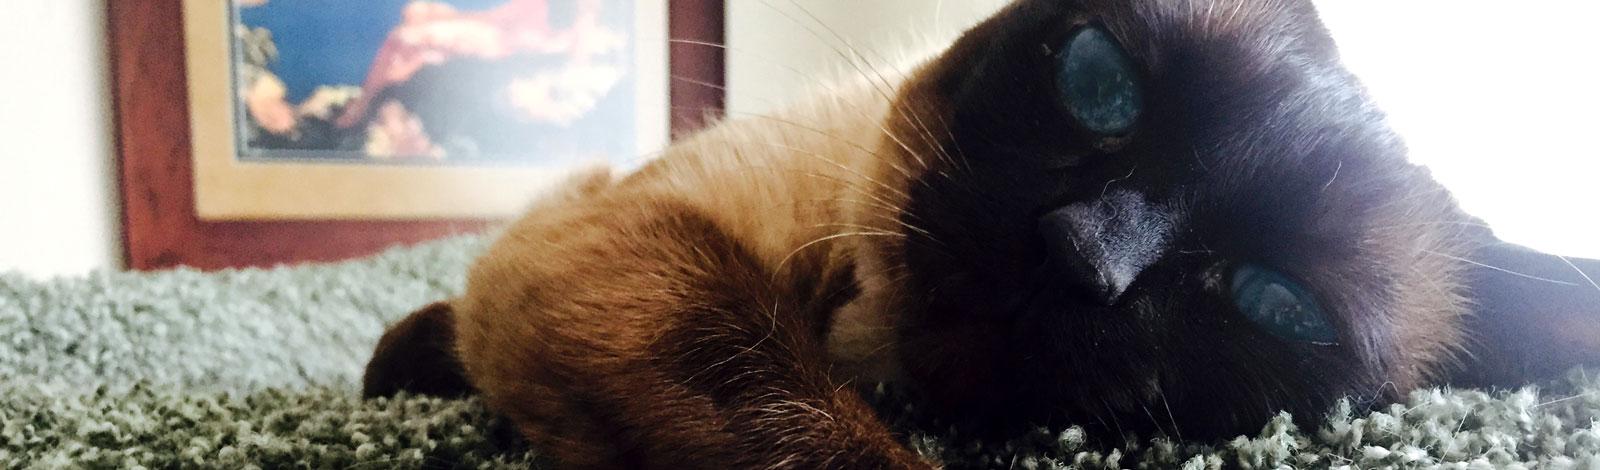 pet sitter watching cat in willow glen